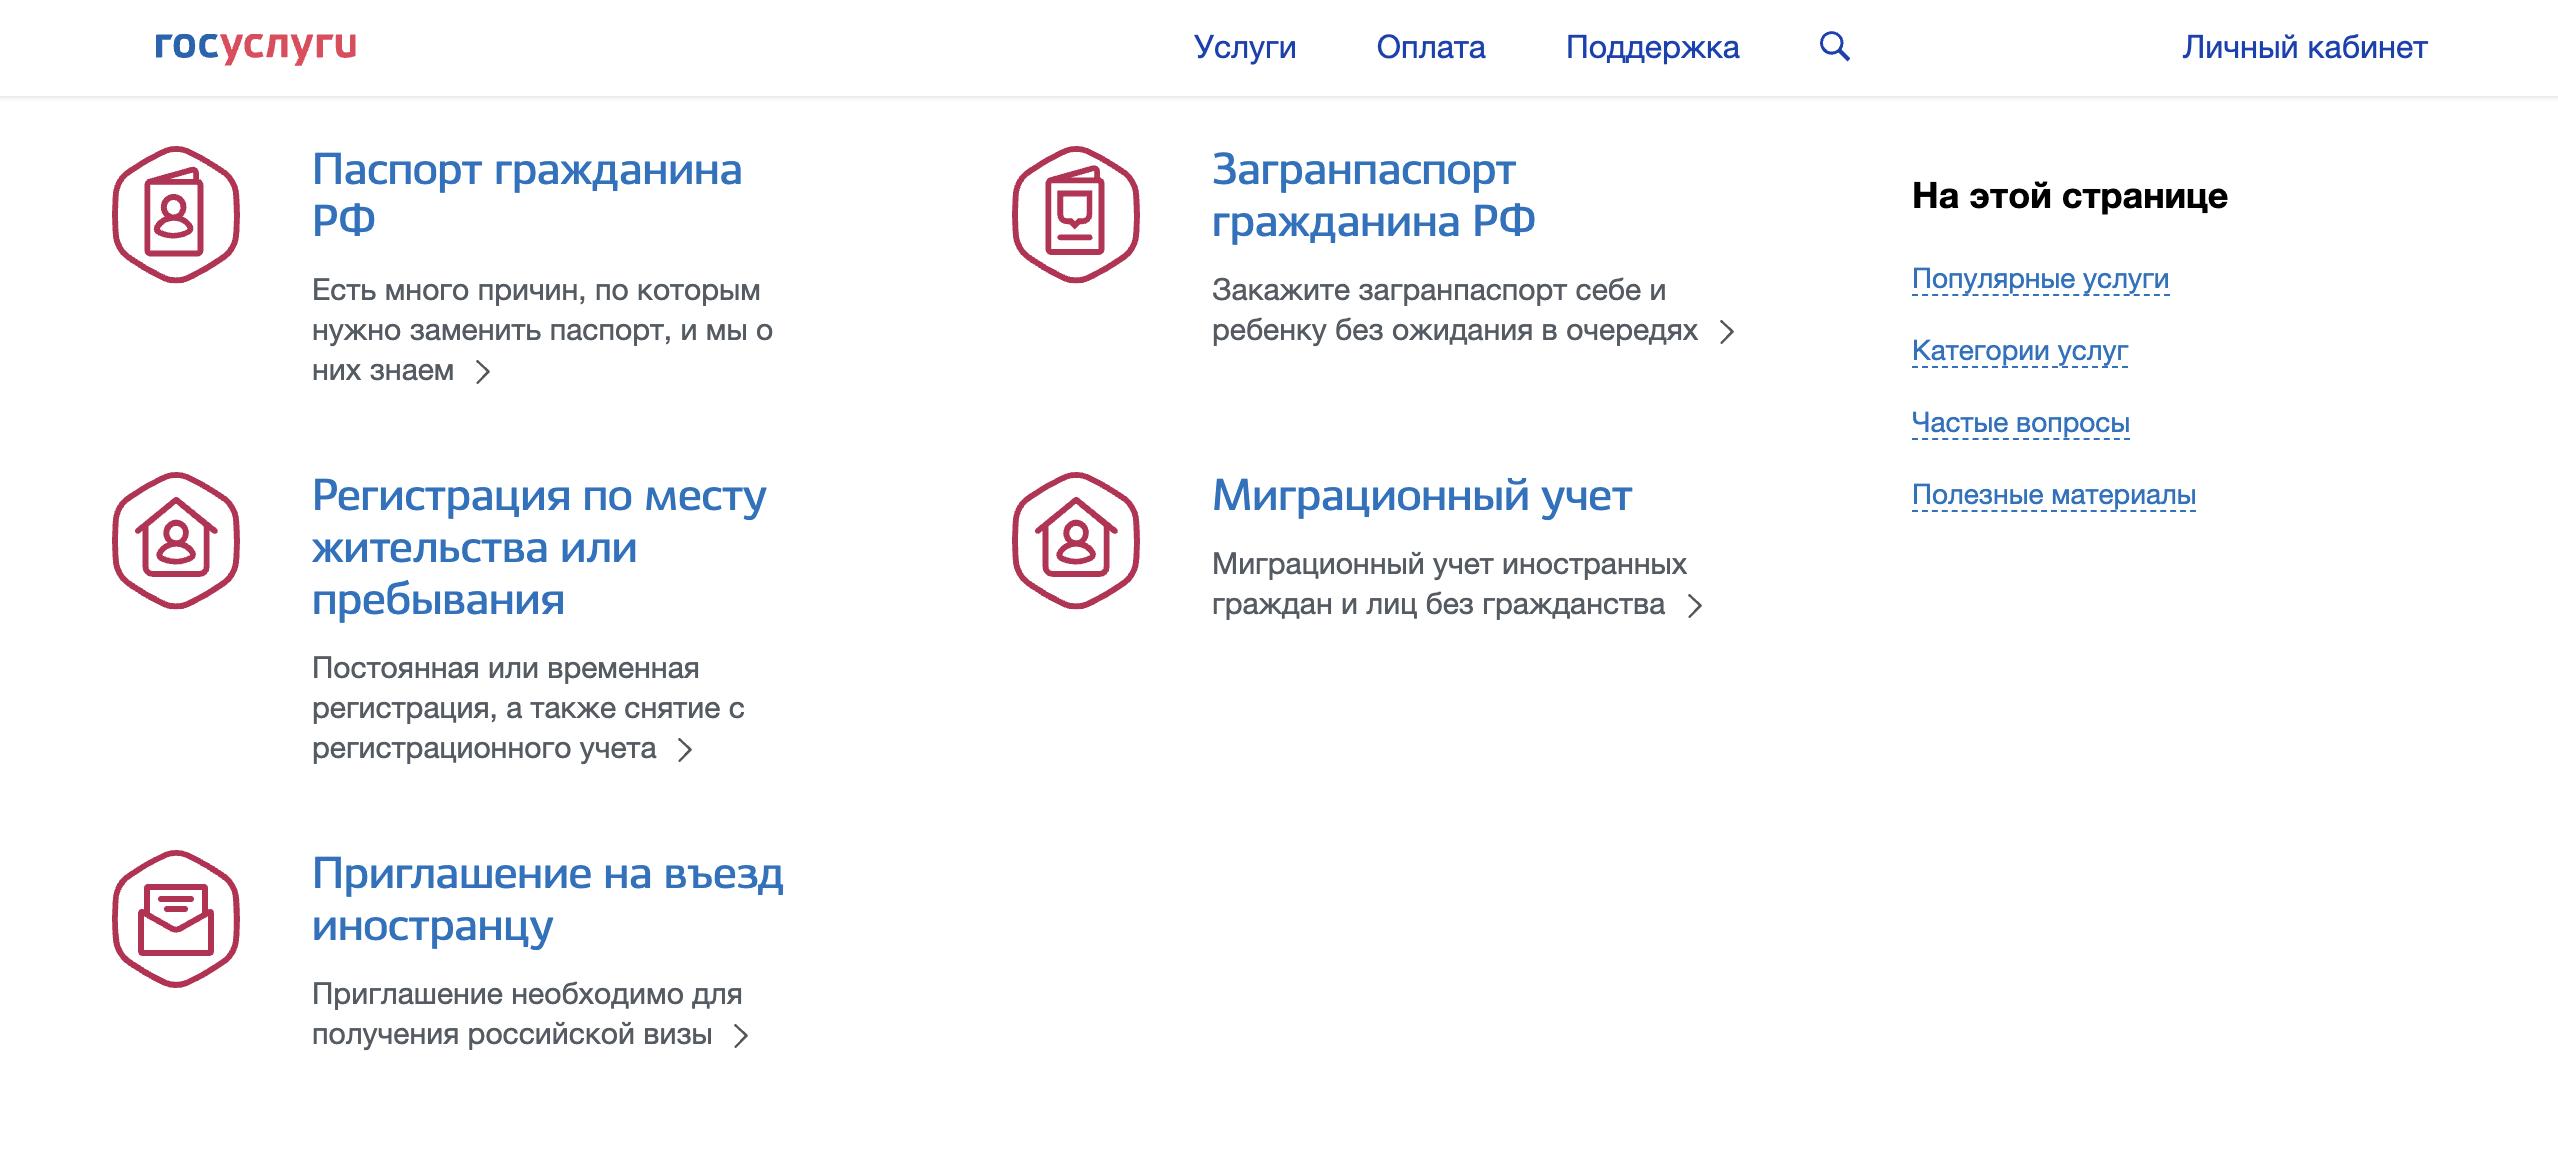 Как через Госуслуг оплатить замену паспорта РФ